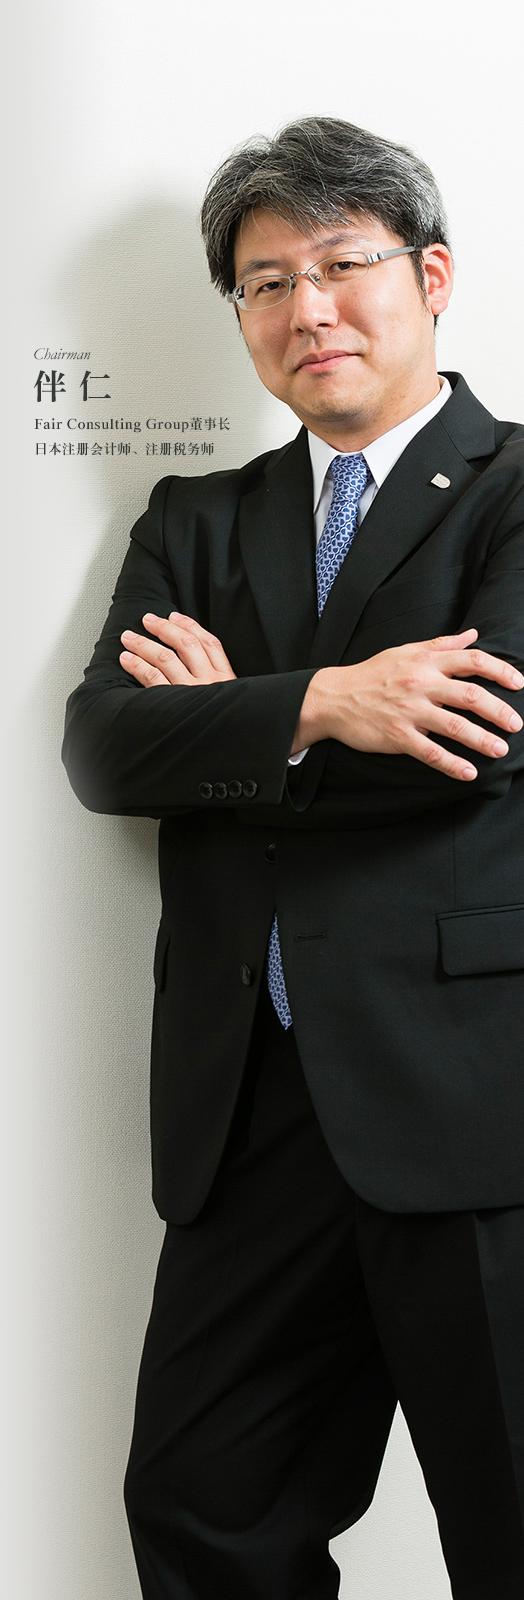 伴 仁 Fair Consulting Group董事长 日本注册会计师、注册税务师